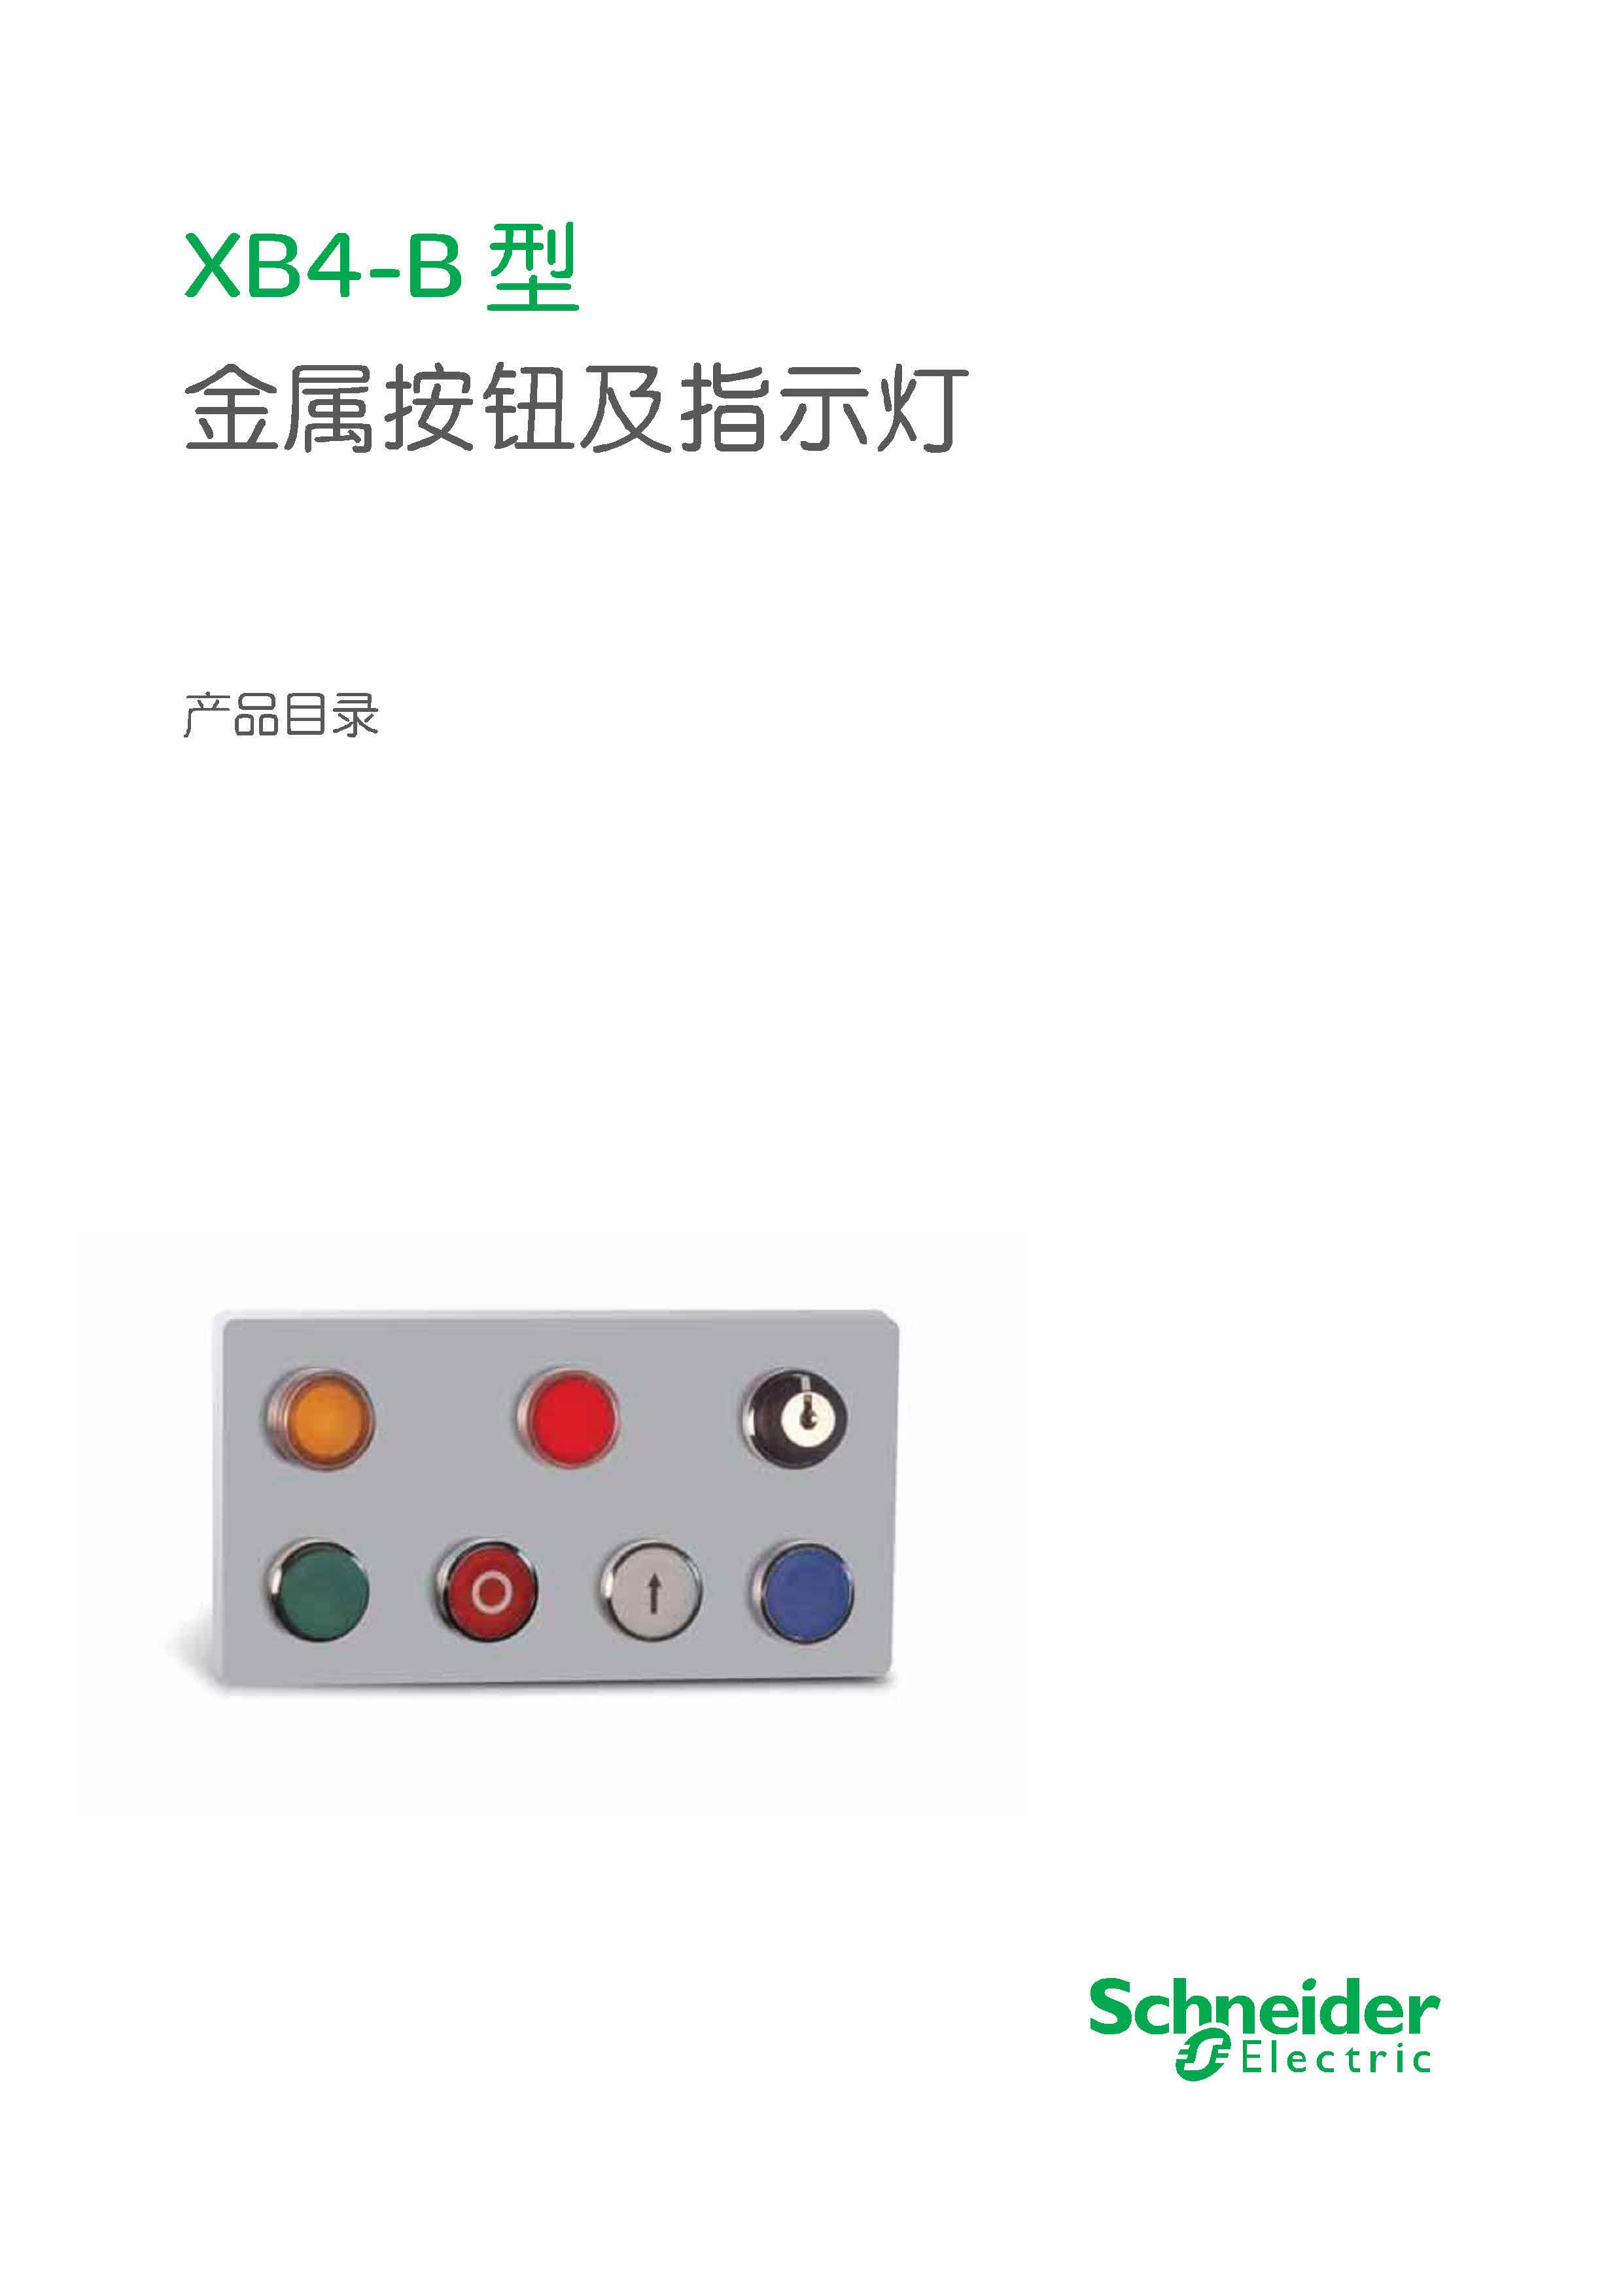 施耐德XB4-B系列进口按钮及指示灯产品目录